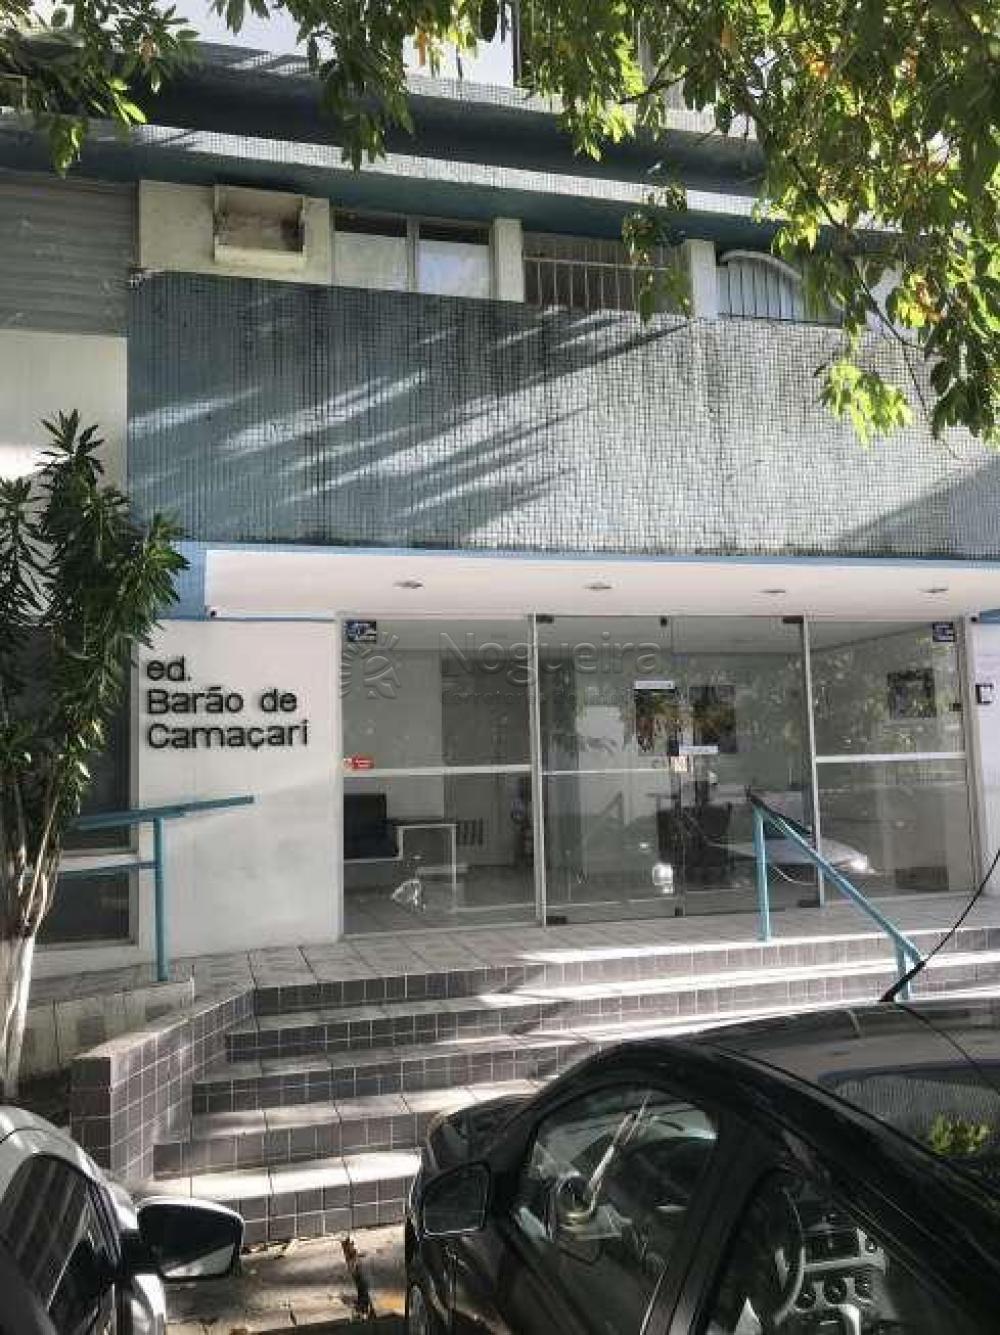 Excelente sala comercial muito bem localizada em Boa Viagem, próximo das principais vias de acesso do bairro de Boa Viagem.